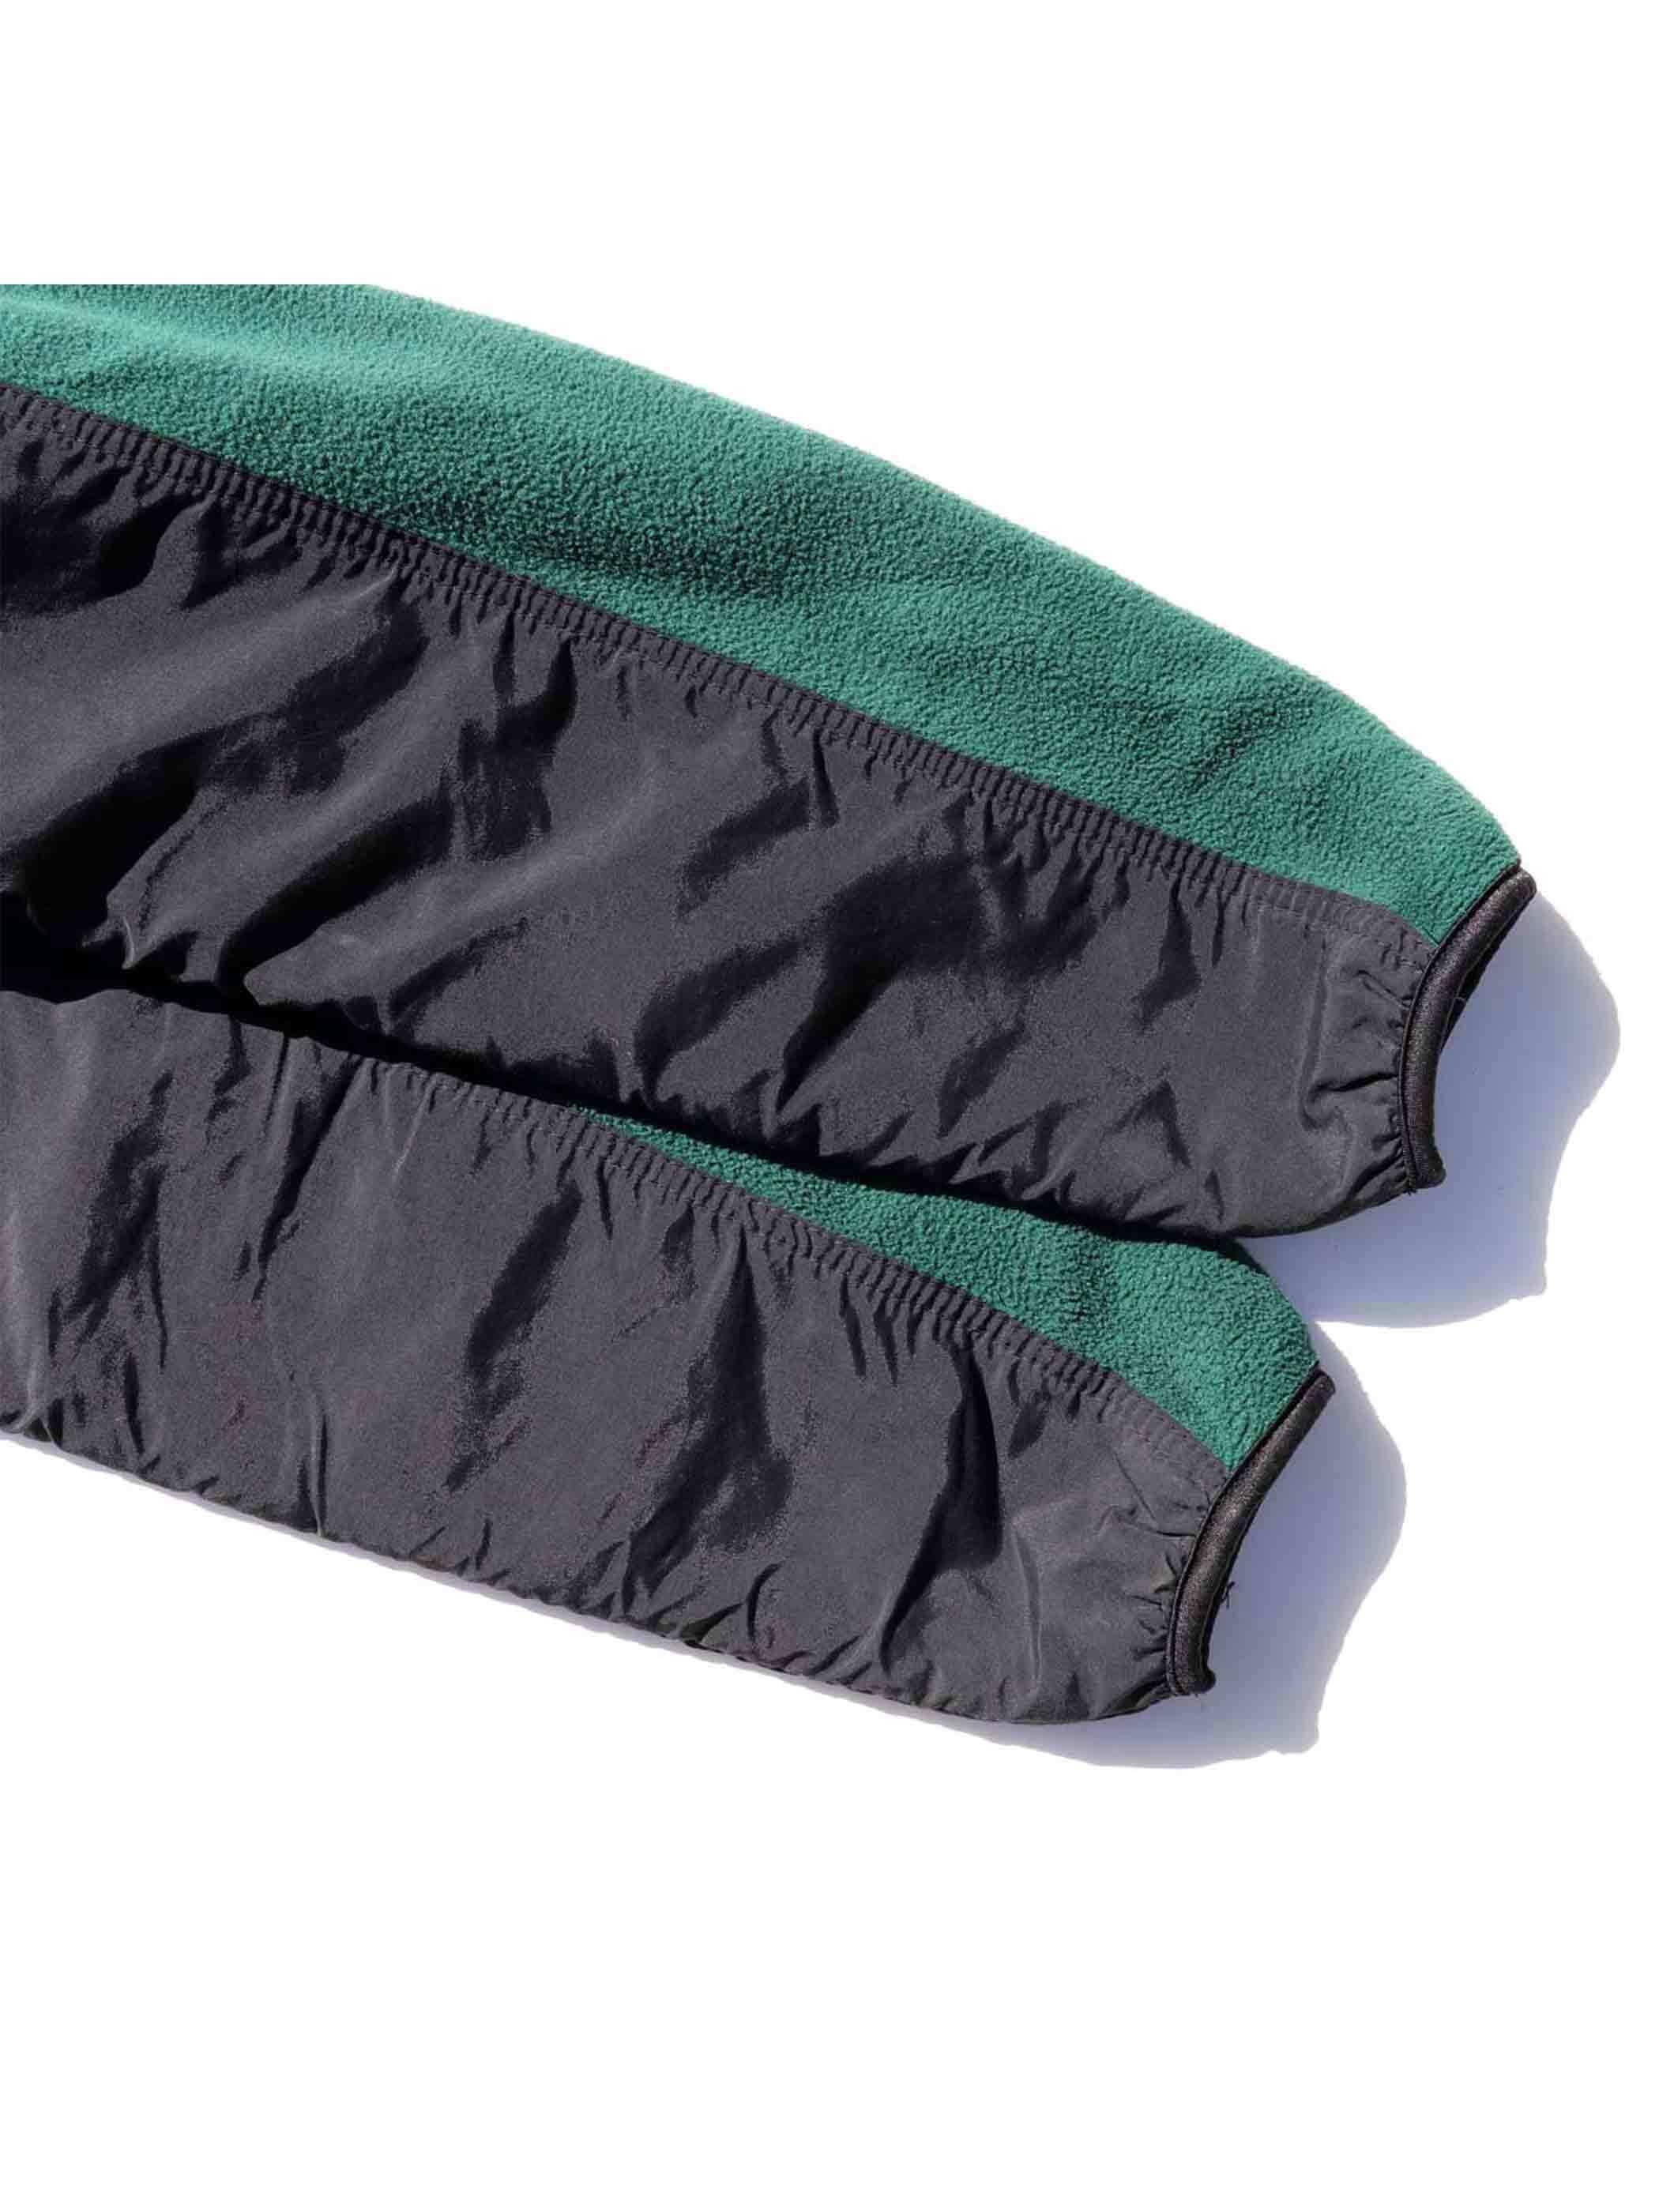 90's TIMBERLAND USA製 ポーラテック フリースジャケット [L]